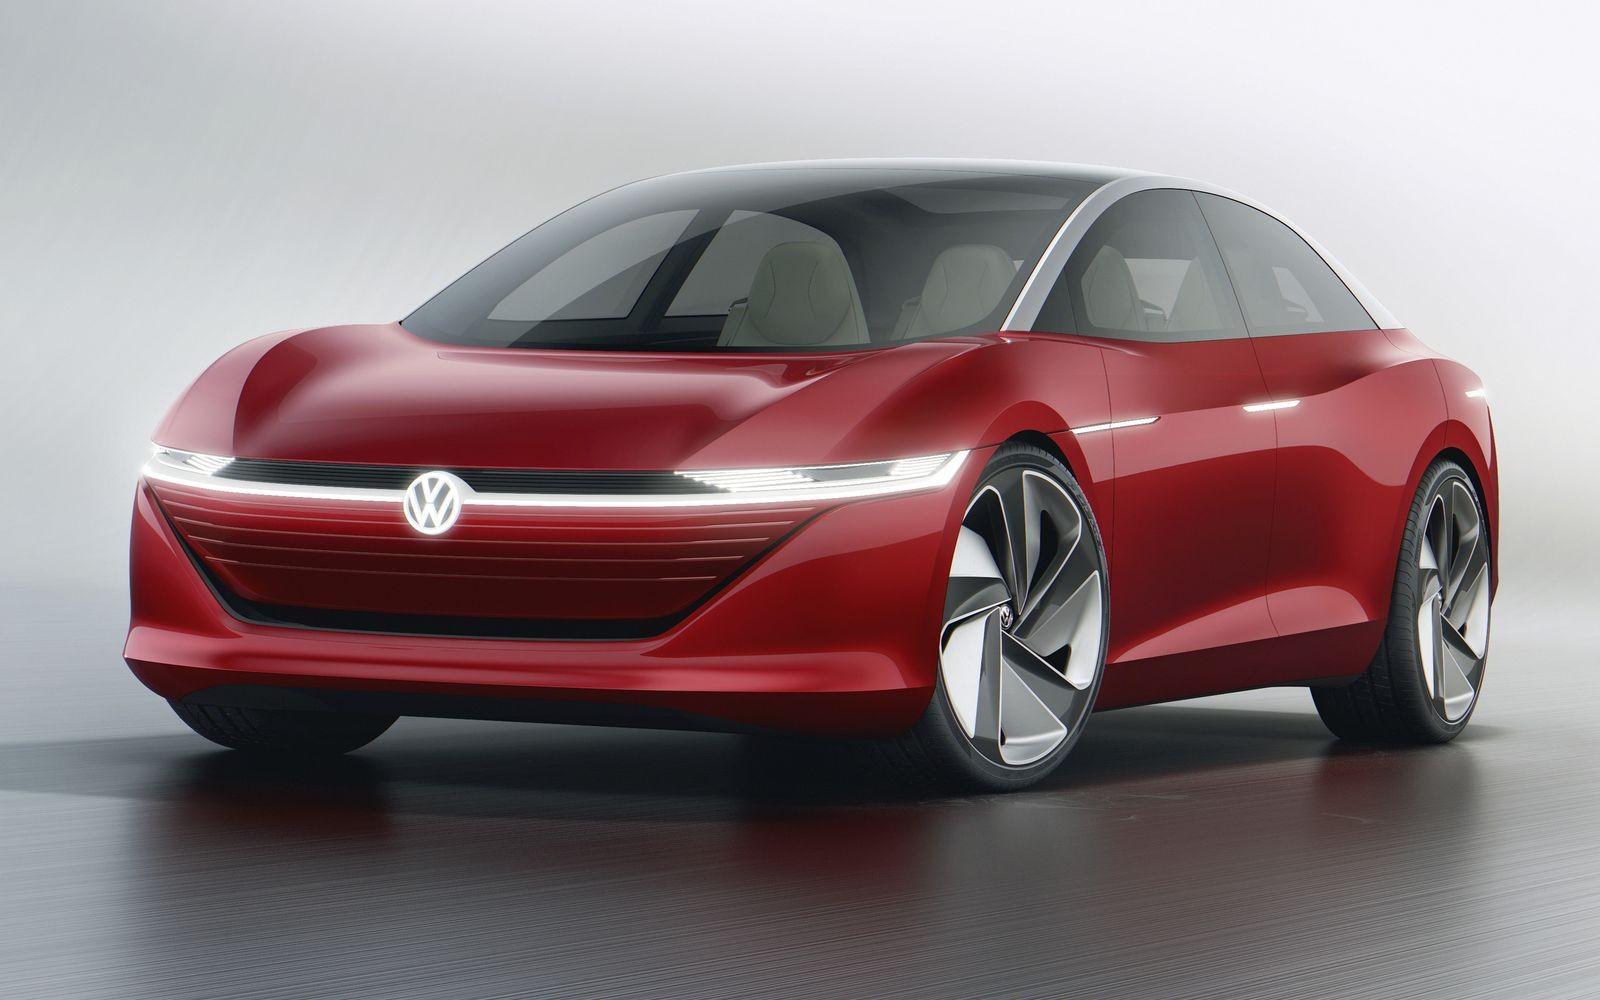 Электрический концептуальный седан Volkswagen I.D. Vizzion, представленный весной этого года в Женеве, превратиться в серийный I.D. Aero, который будет конкурировать с Tesla Model S.